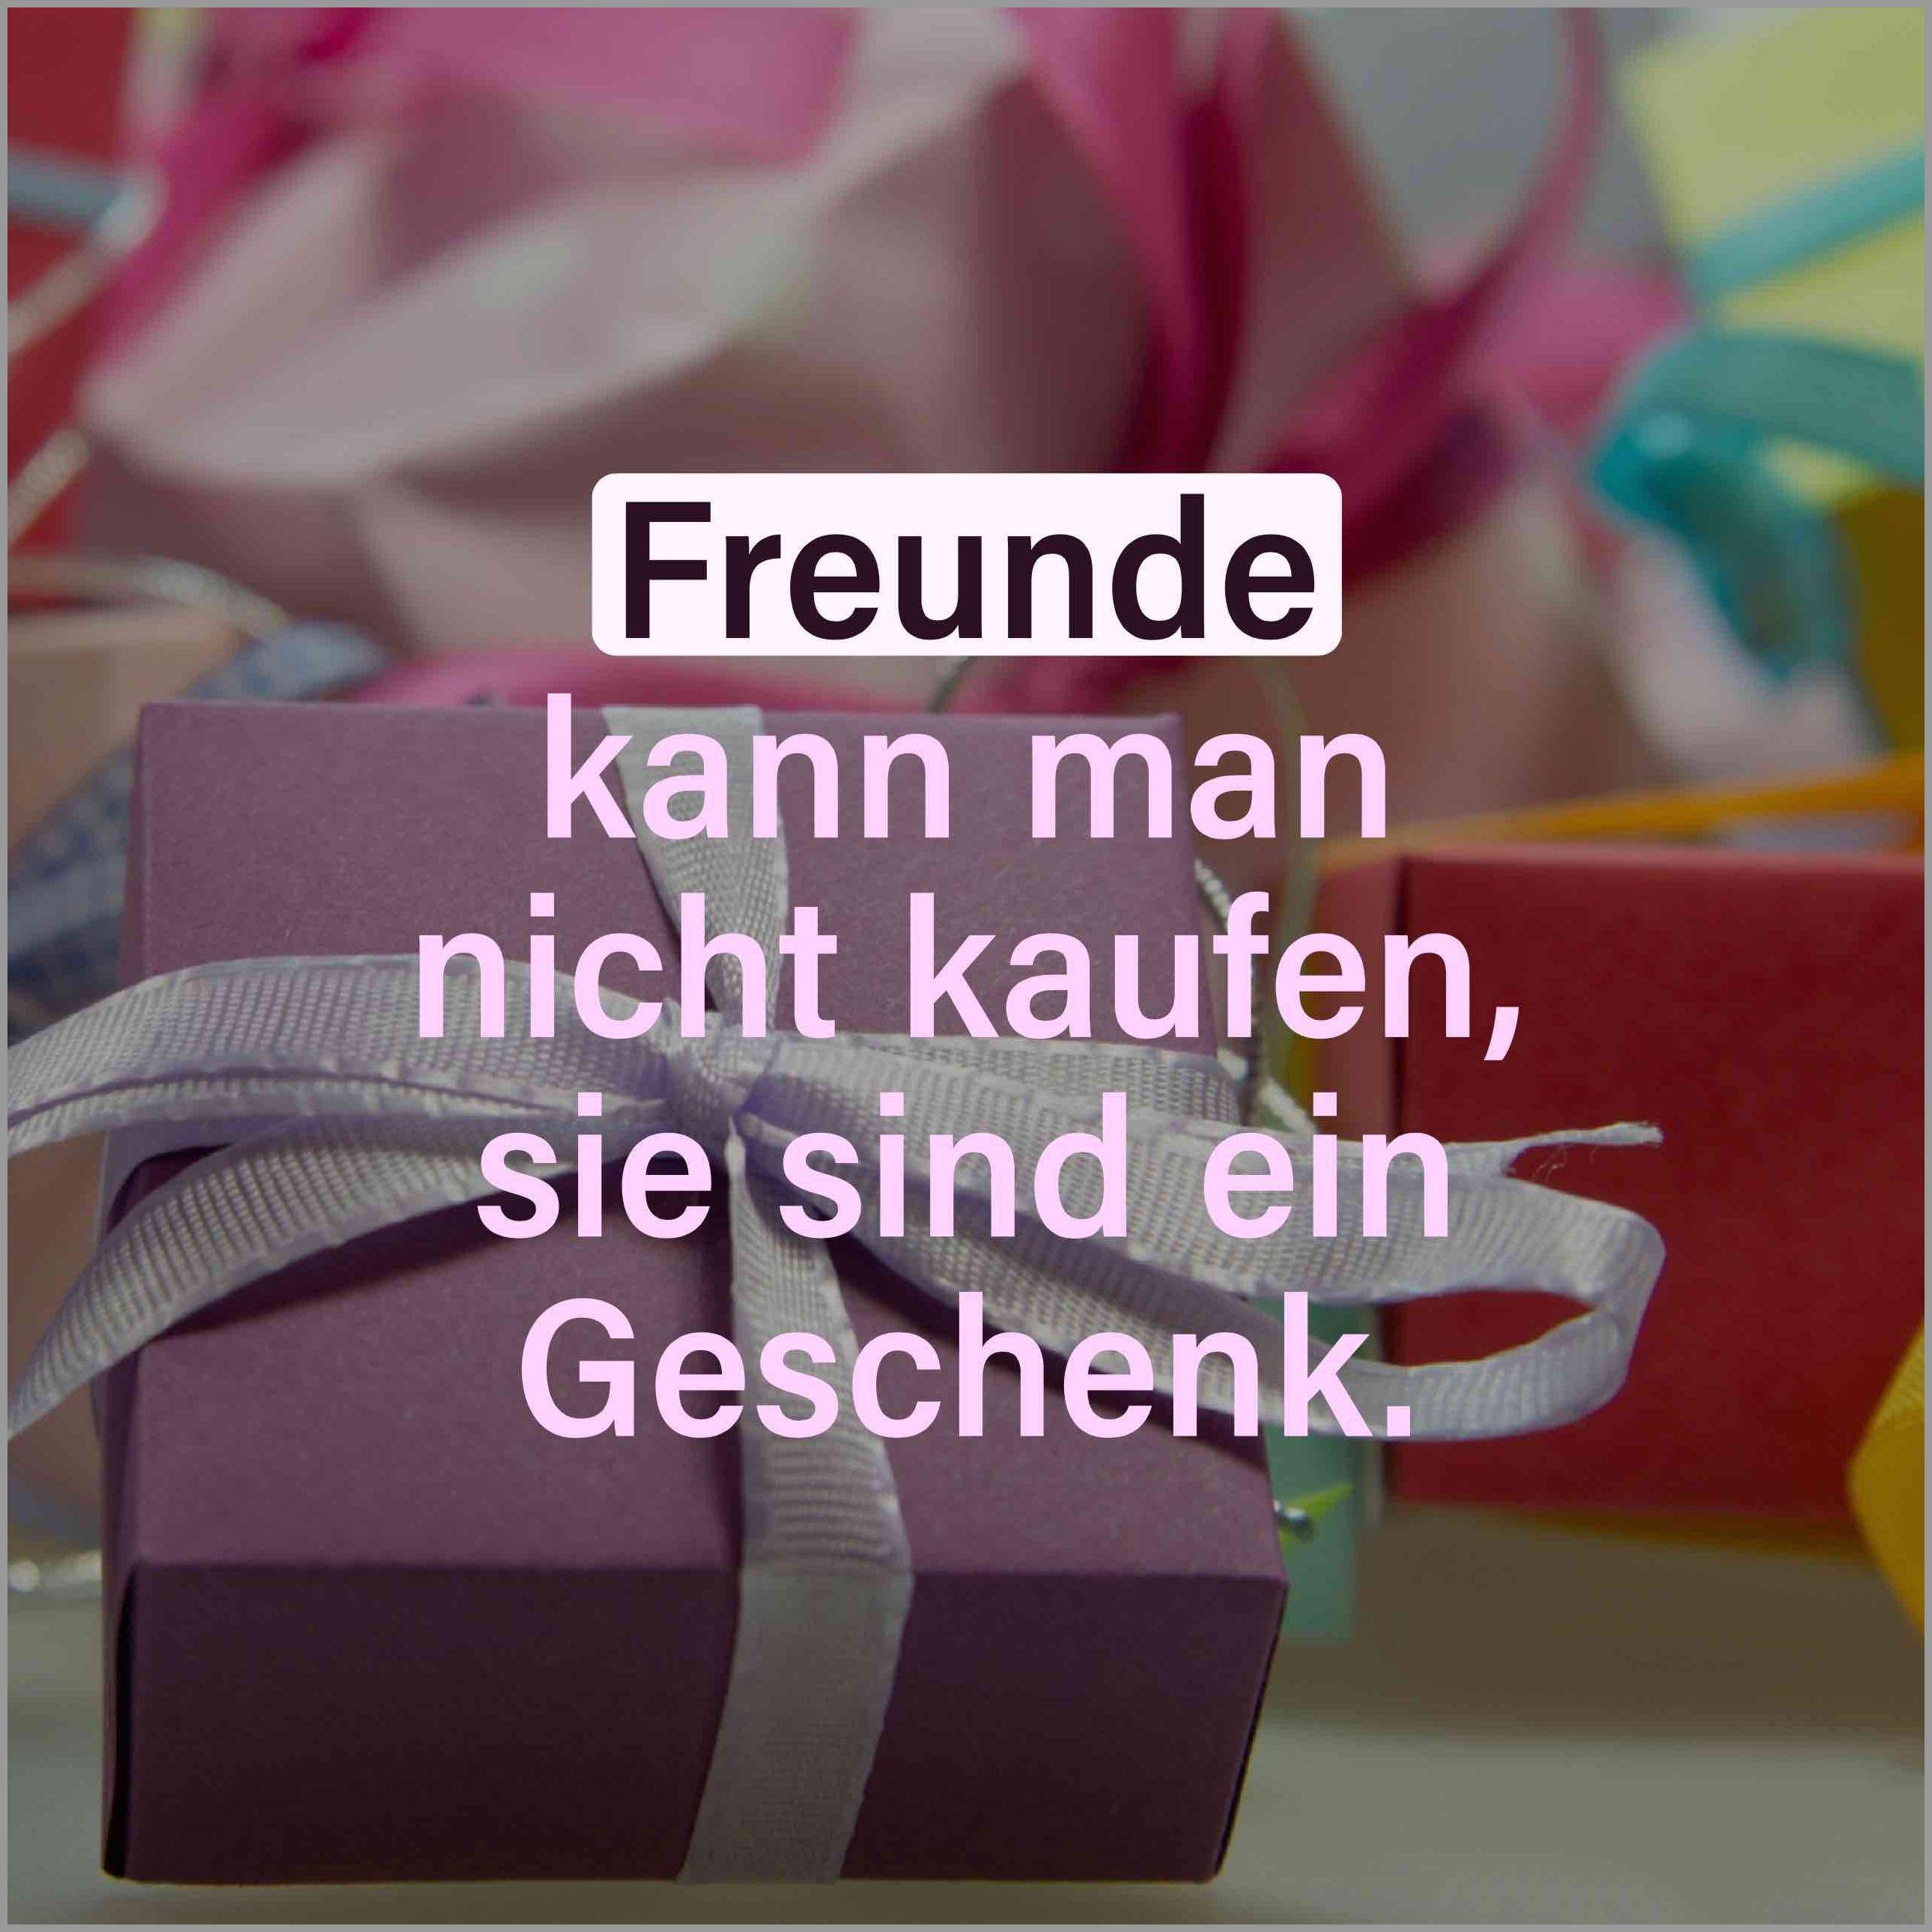 Freunde kann man nicht kaufen sie sind ein geschenk - Freunde kann man nicht kaufen sie sind ein geschenk